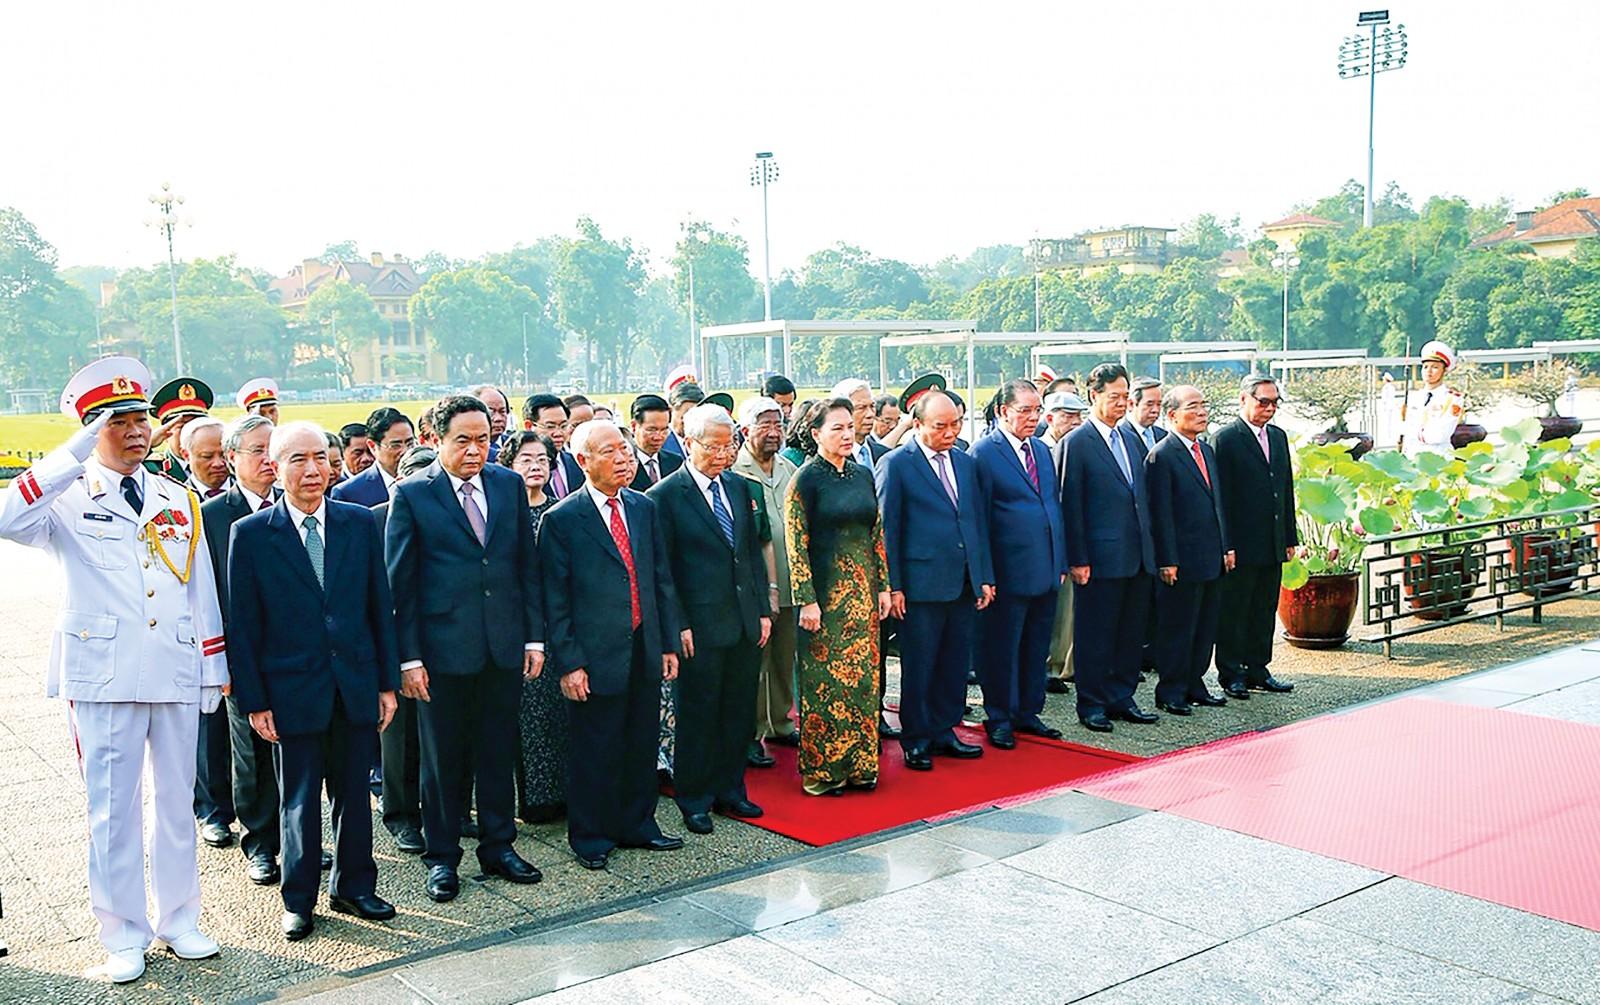 Lãnh đạo Đảng, Nhà nước viếng Chủ tịch Hồ Chí Minh. Ảnh: VGP/NHẬT BẮC